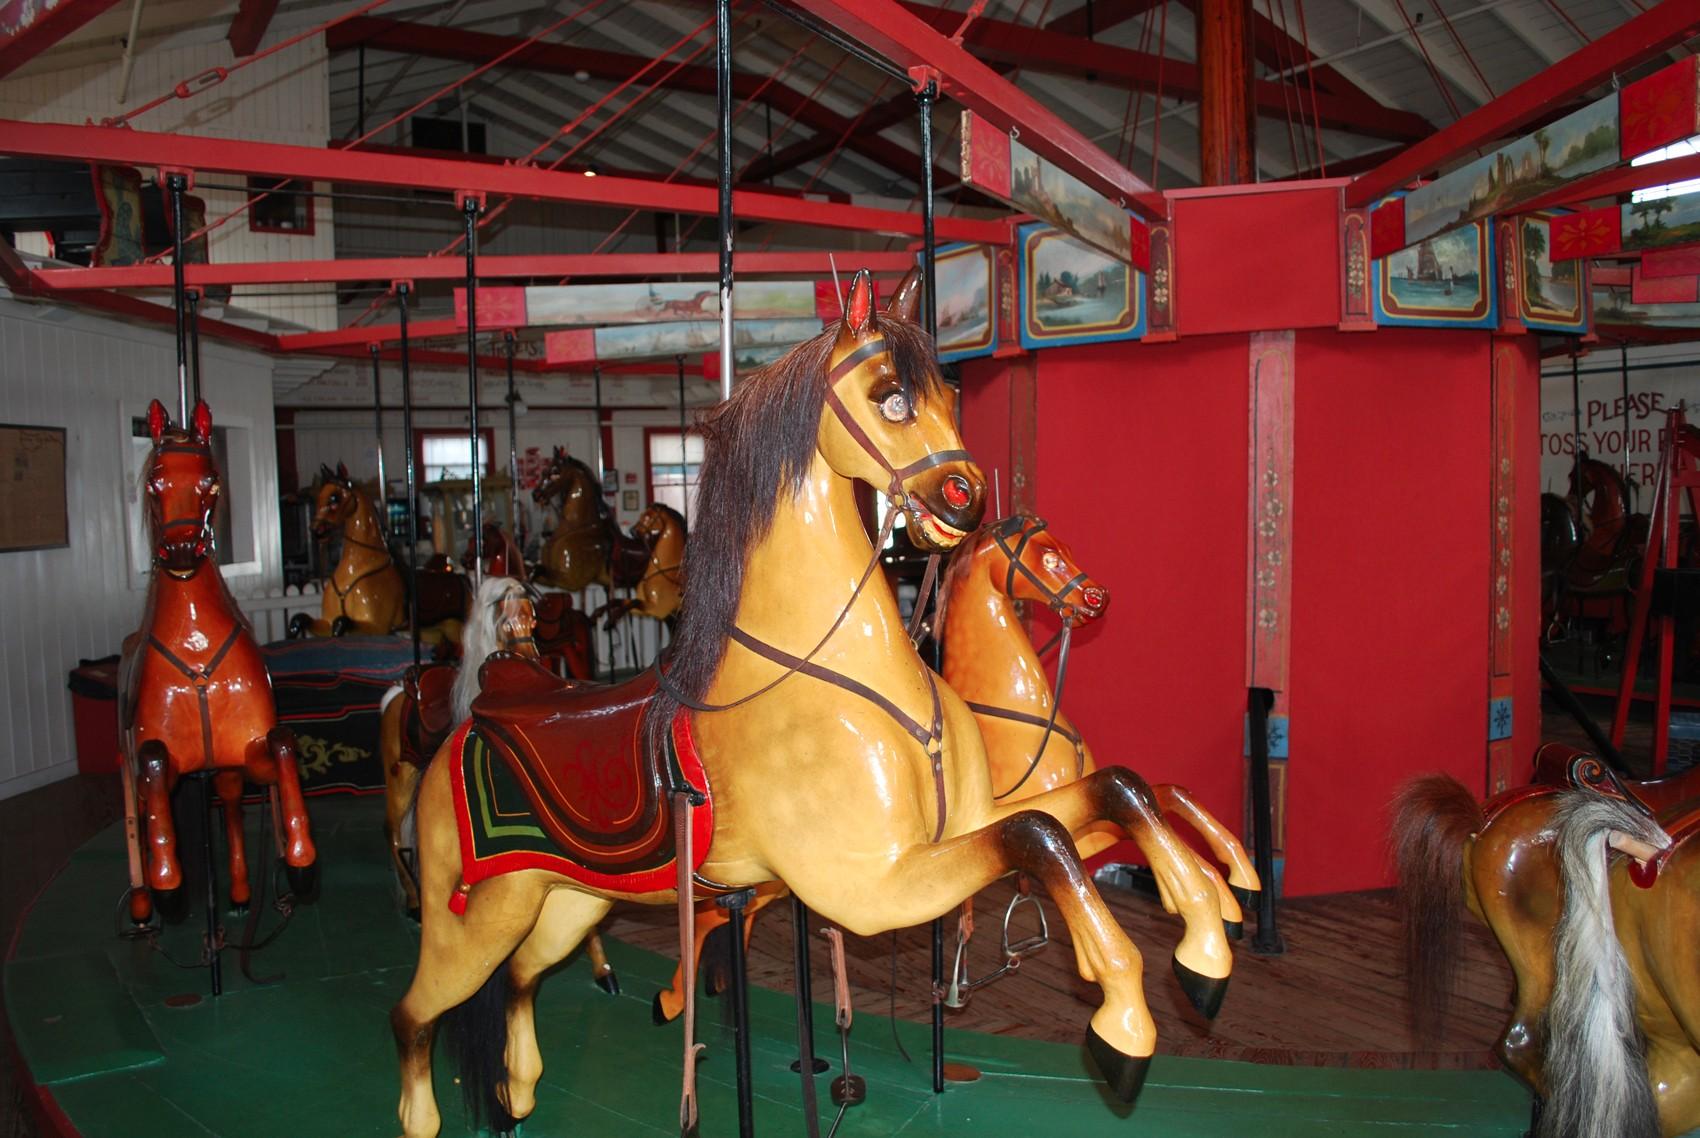 Historic-Marthas-Vineyard-Flying-Horses-carousel-4